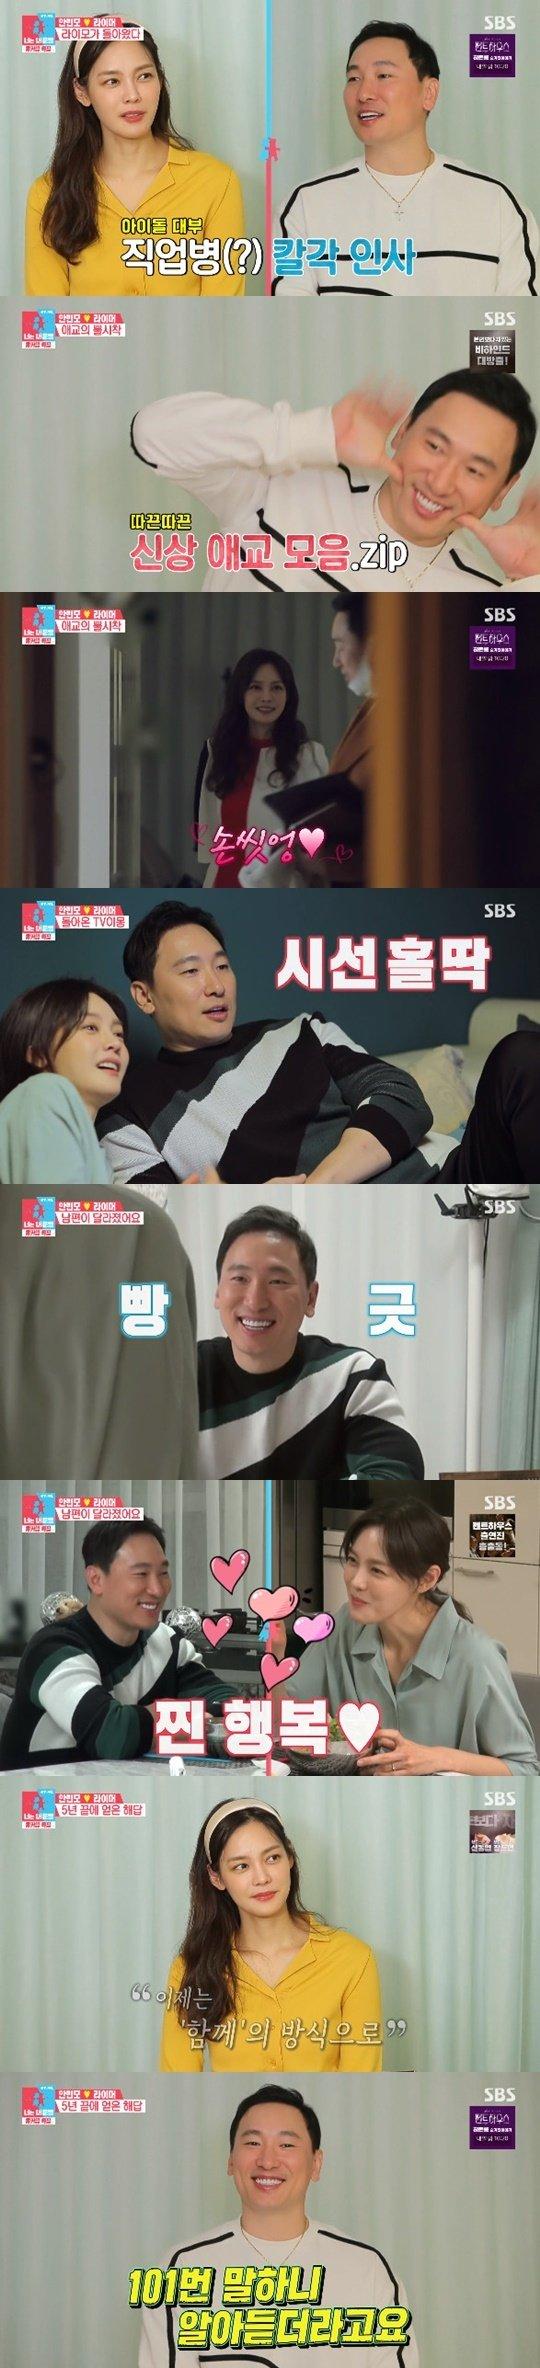 사진=SBS '동상이몽 시즌2 - 너는 내 운명' 방송화면 캡처.